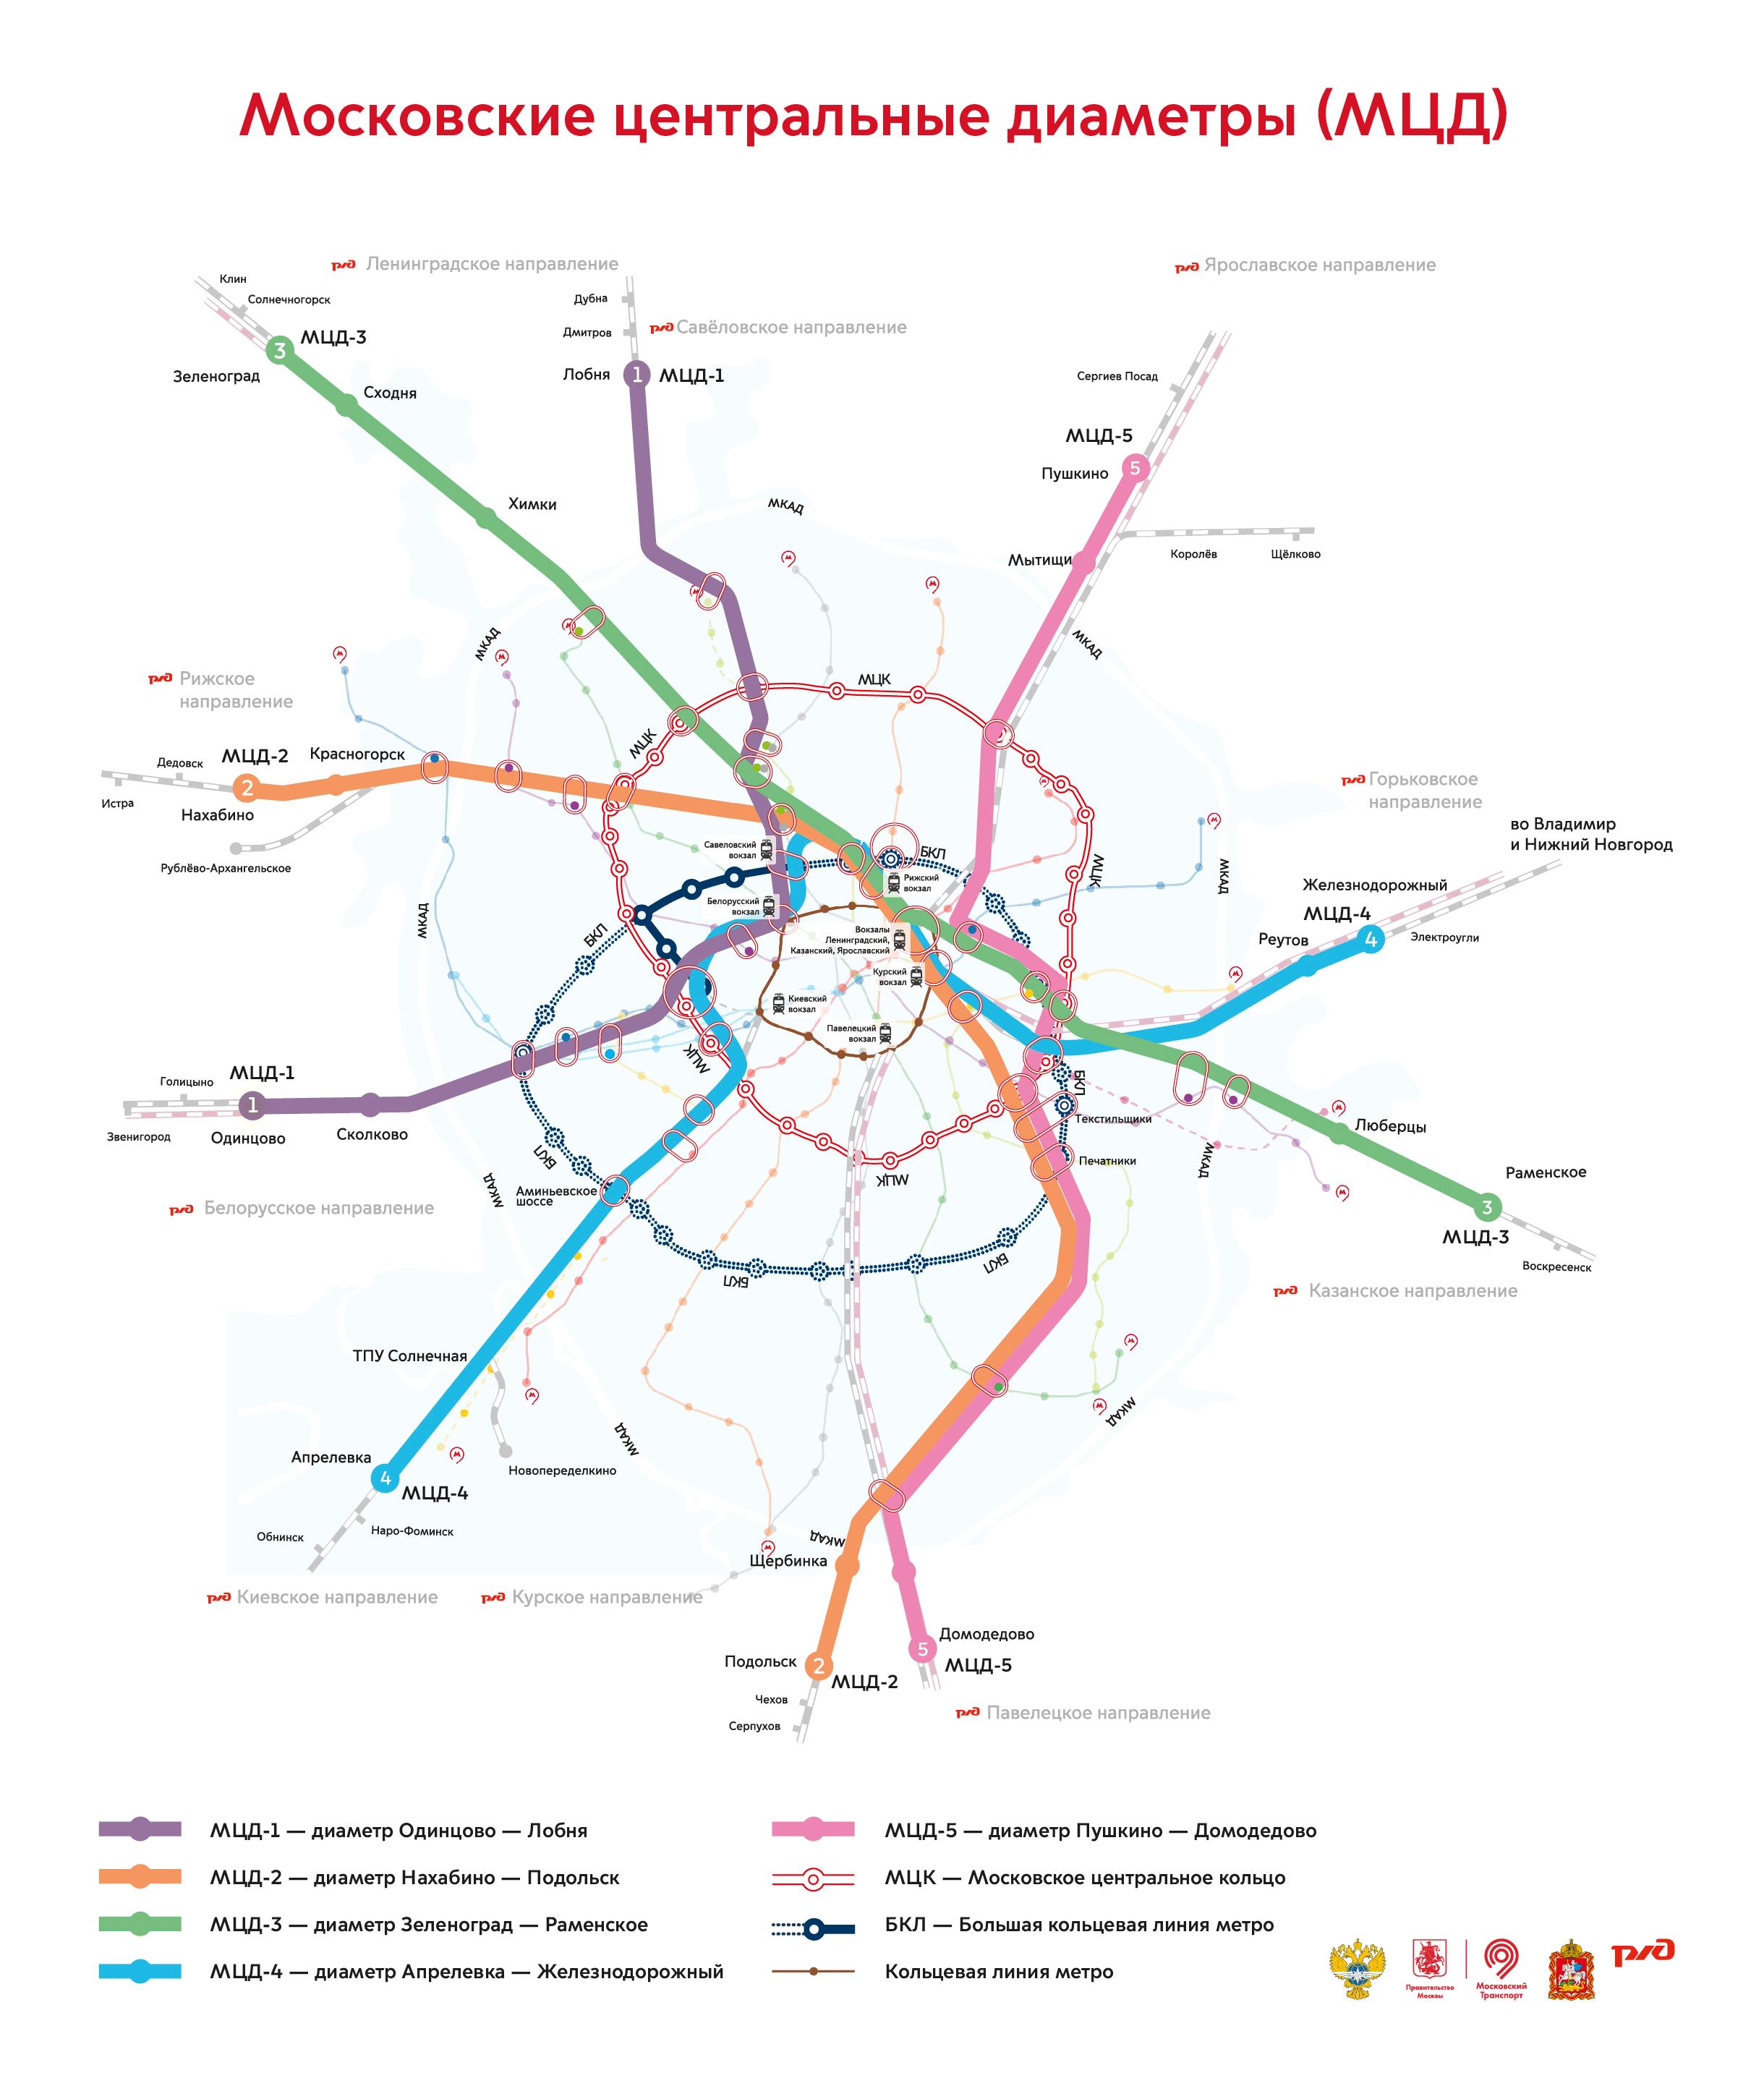 схема лекого метро московская область